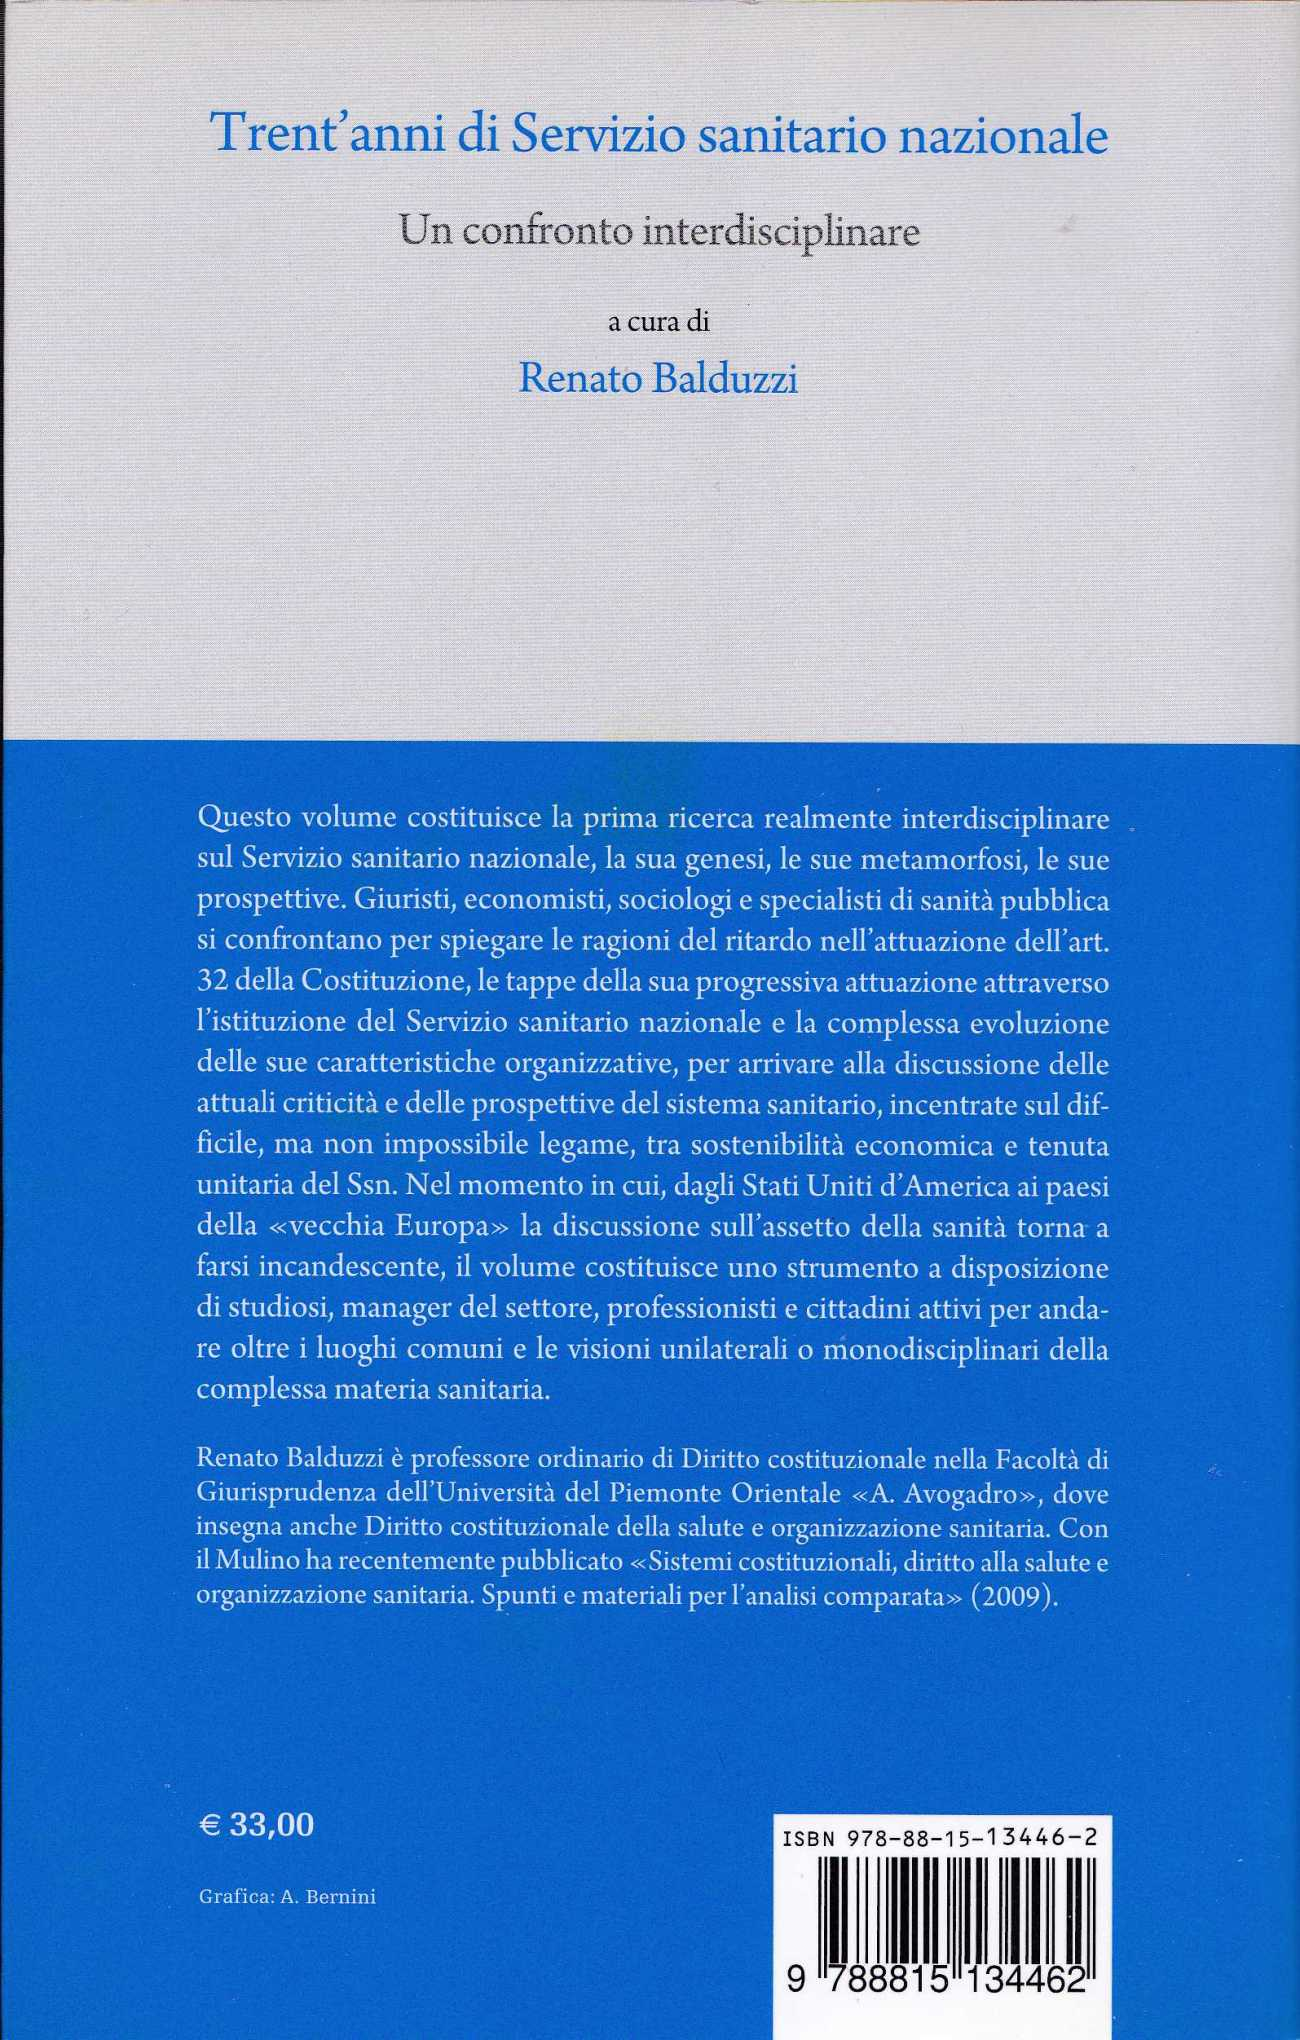 balduzzi1462